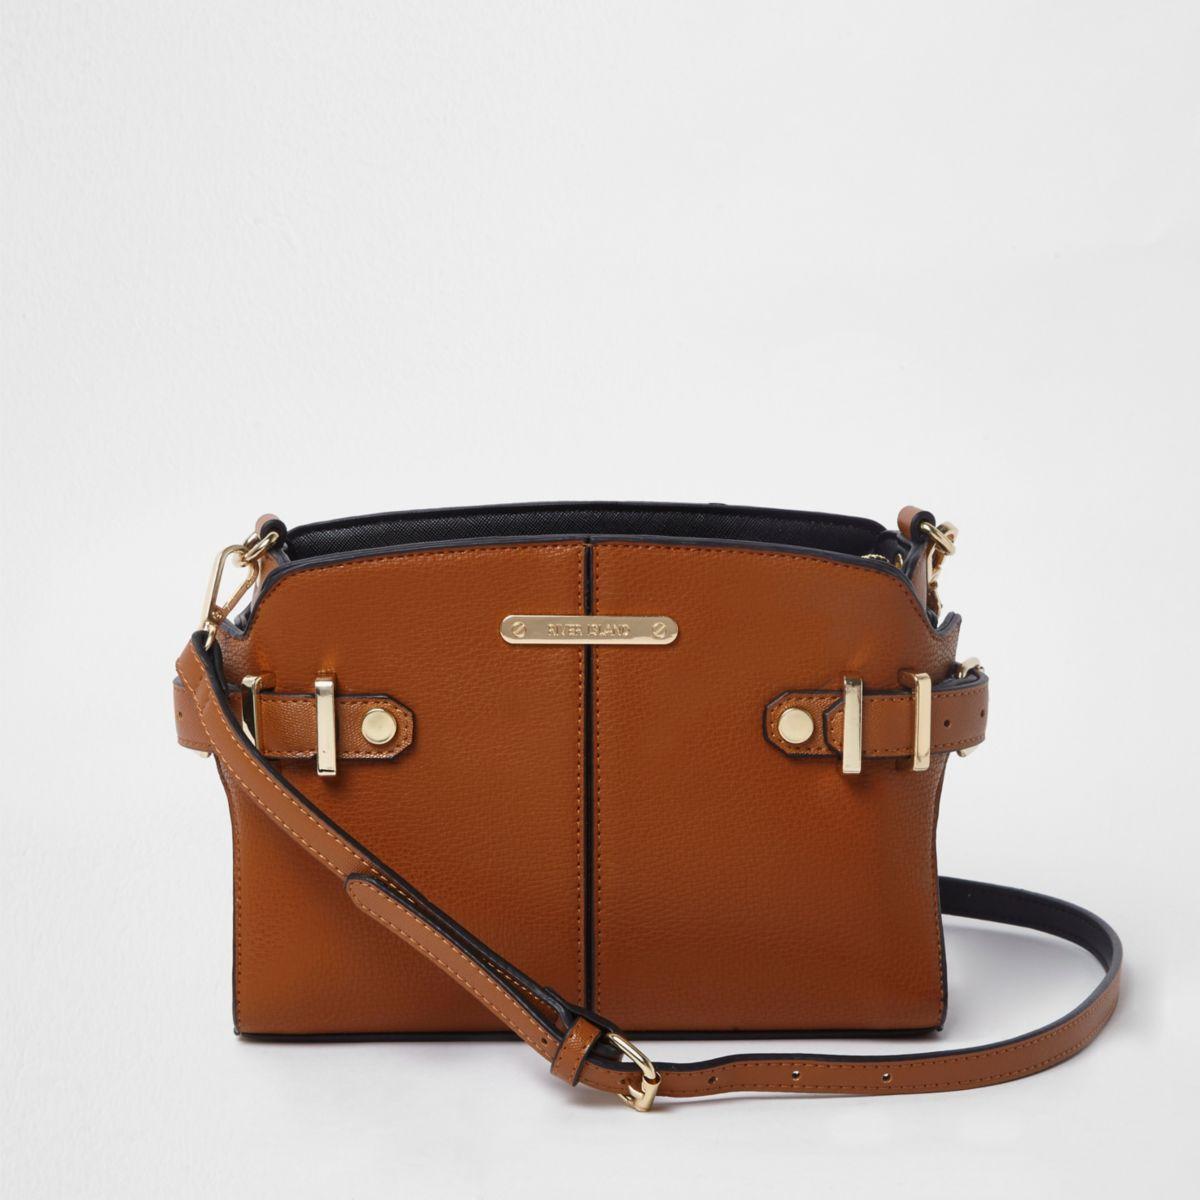 Tan brown buckle side cross body bag